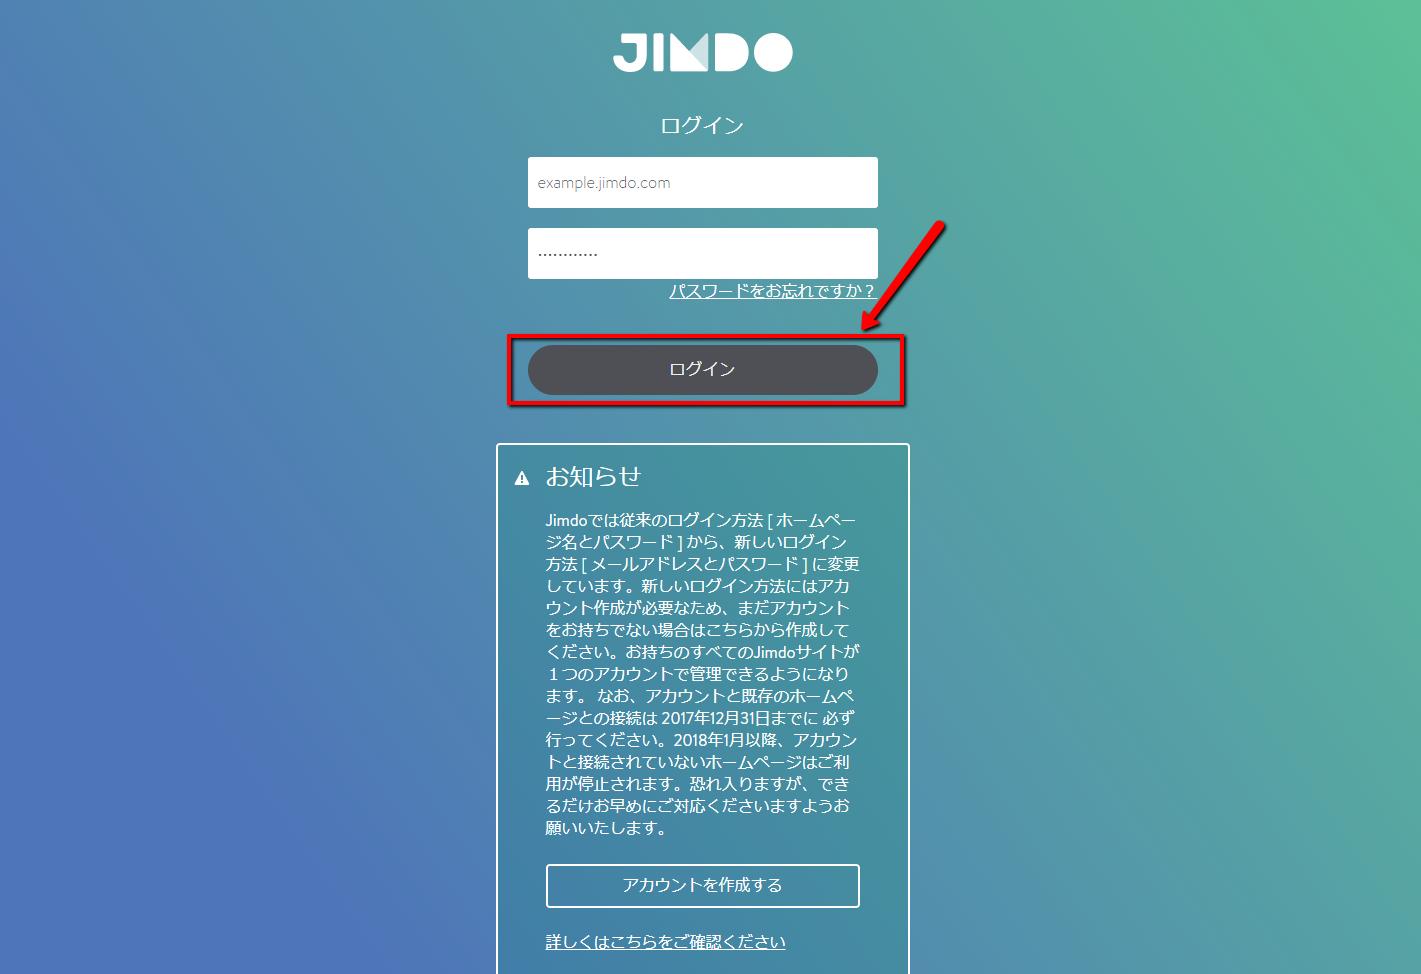 1.アカウントと接続を行うホームページへログイン